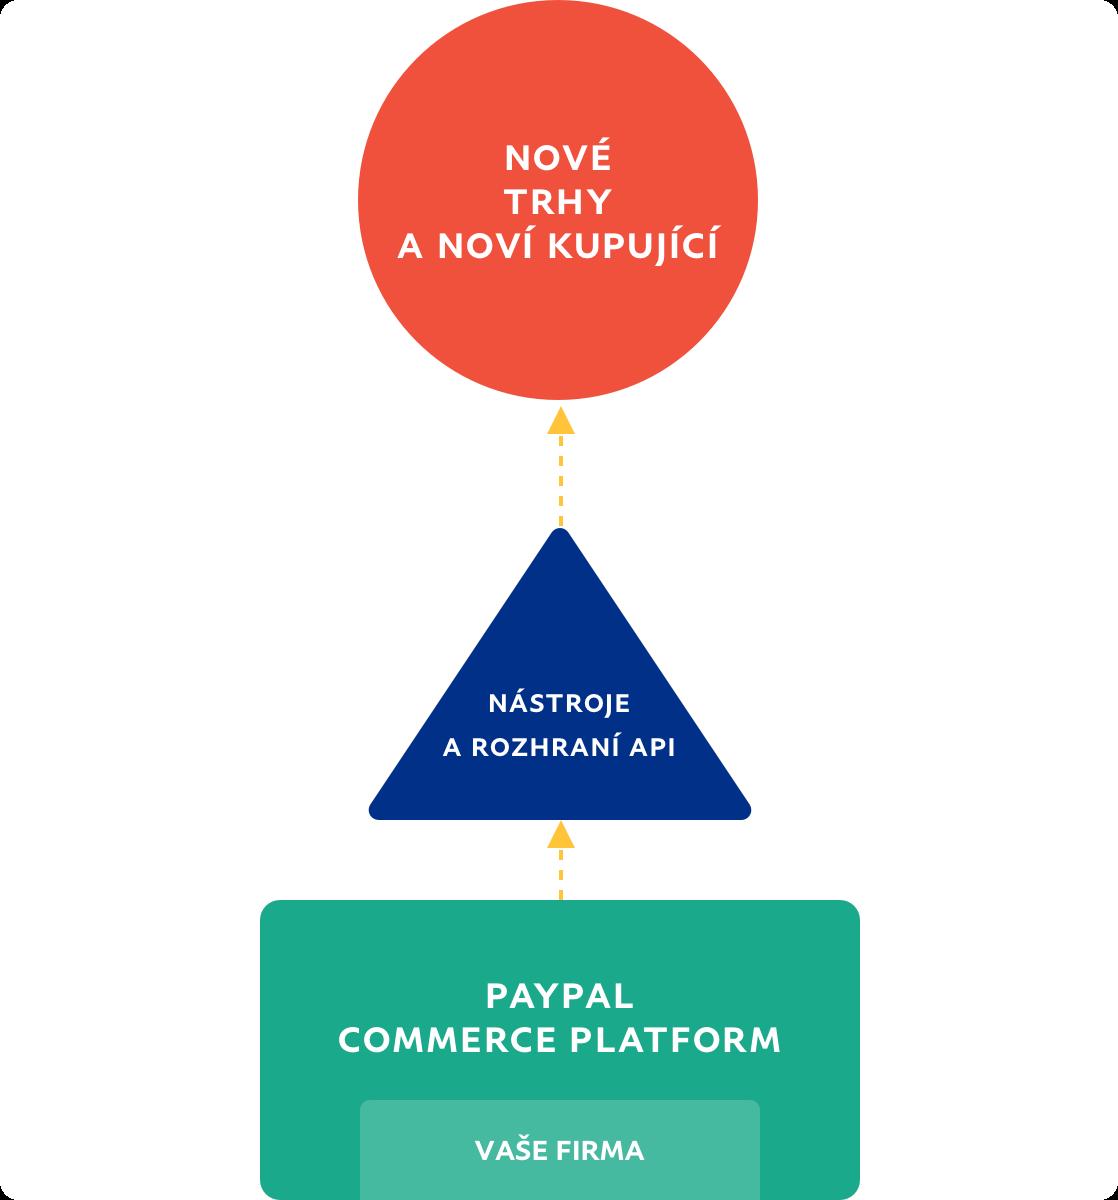 Vývojový diagram znázorňující cestu firmy na nové trhy aknovým kupujícím